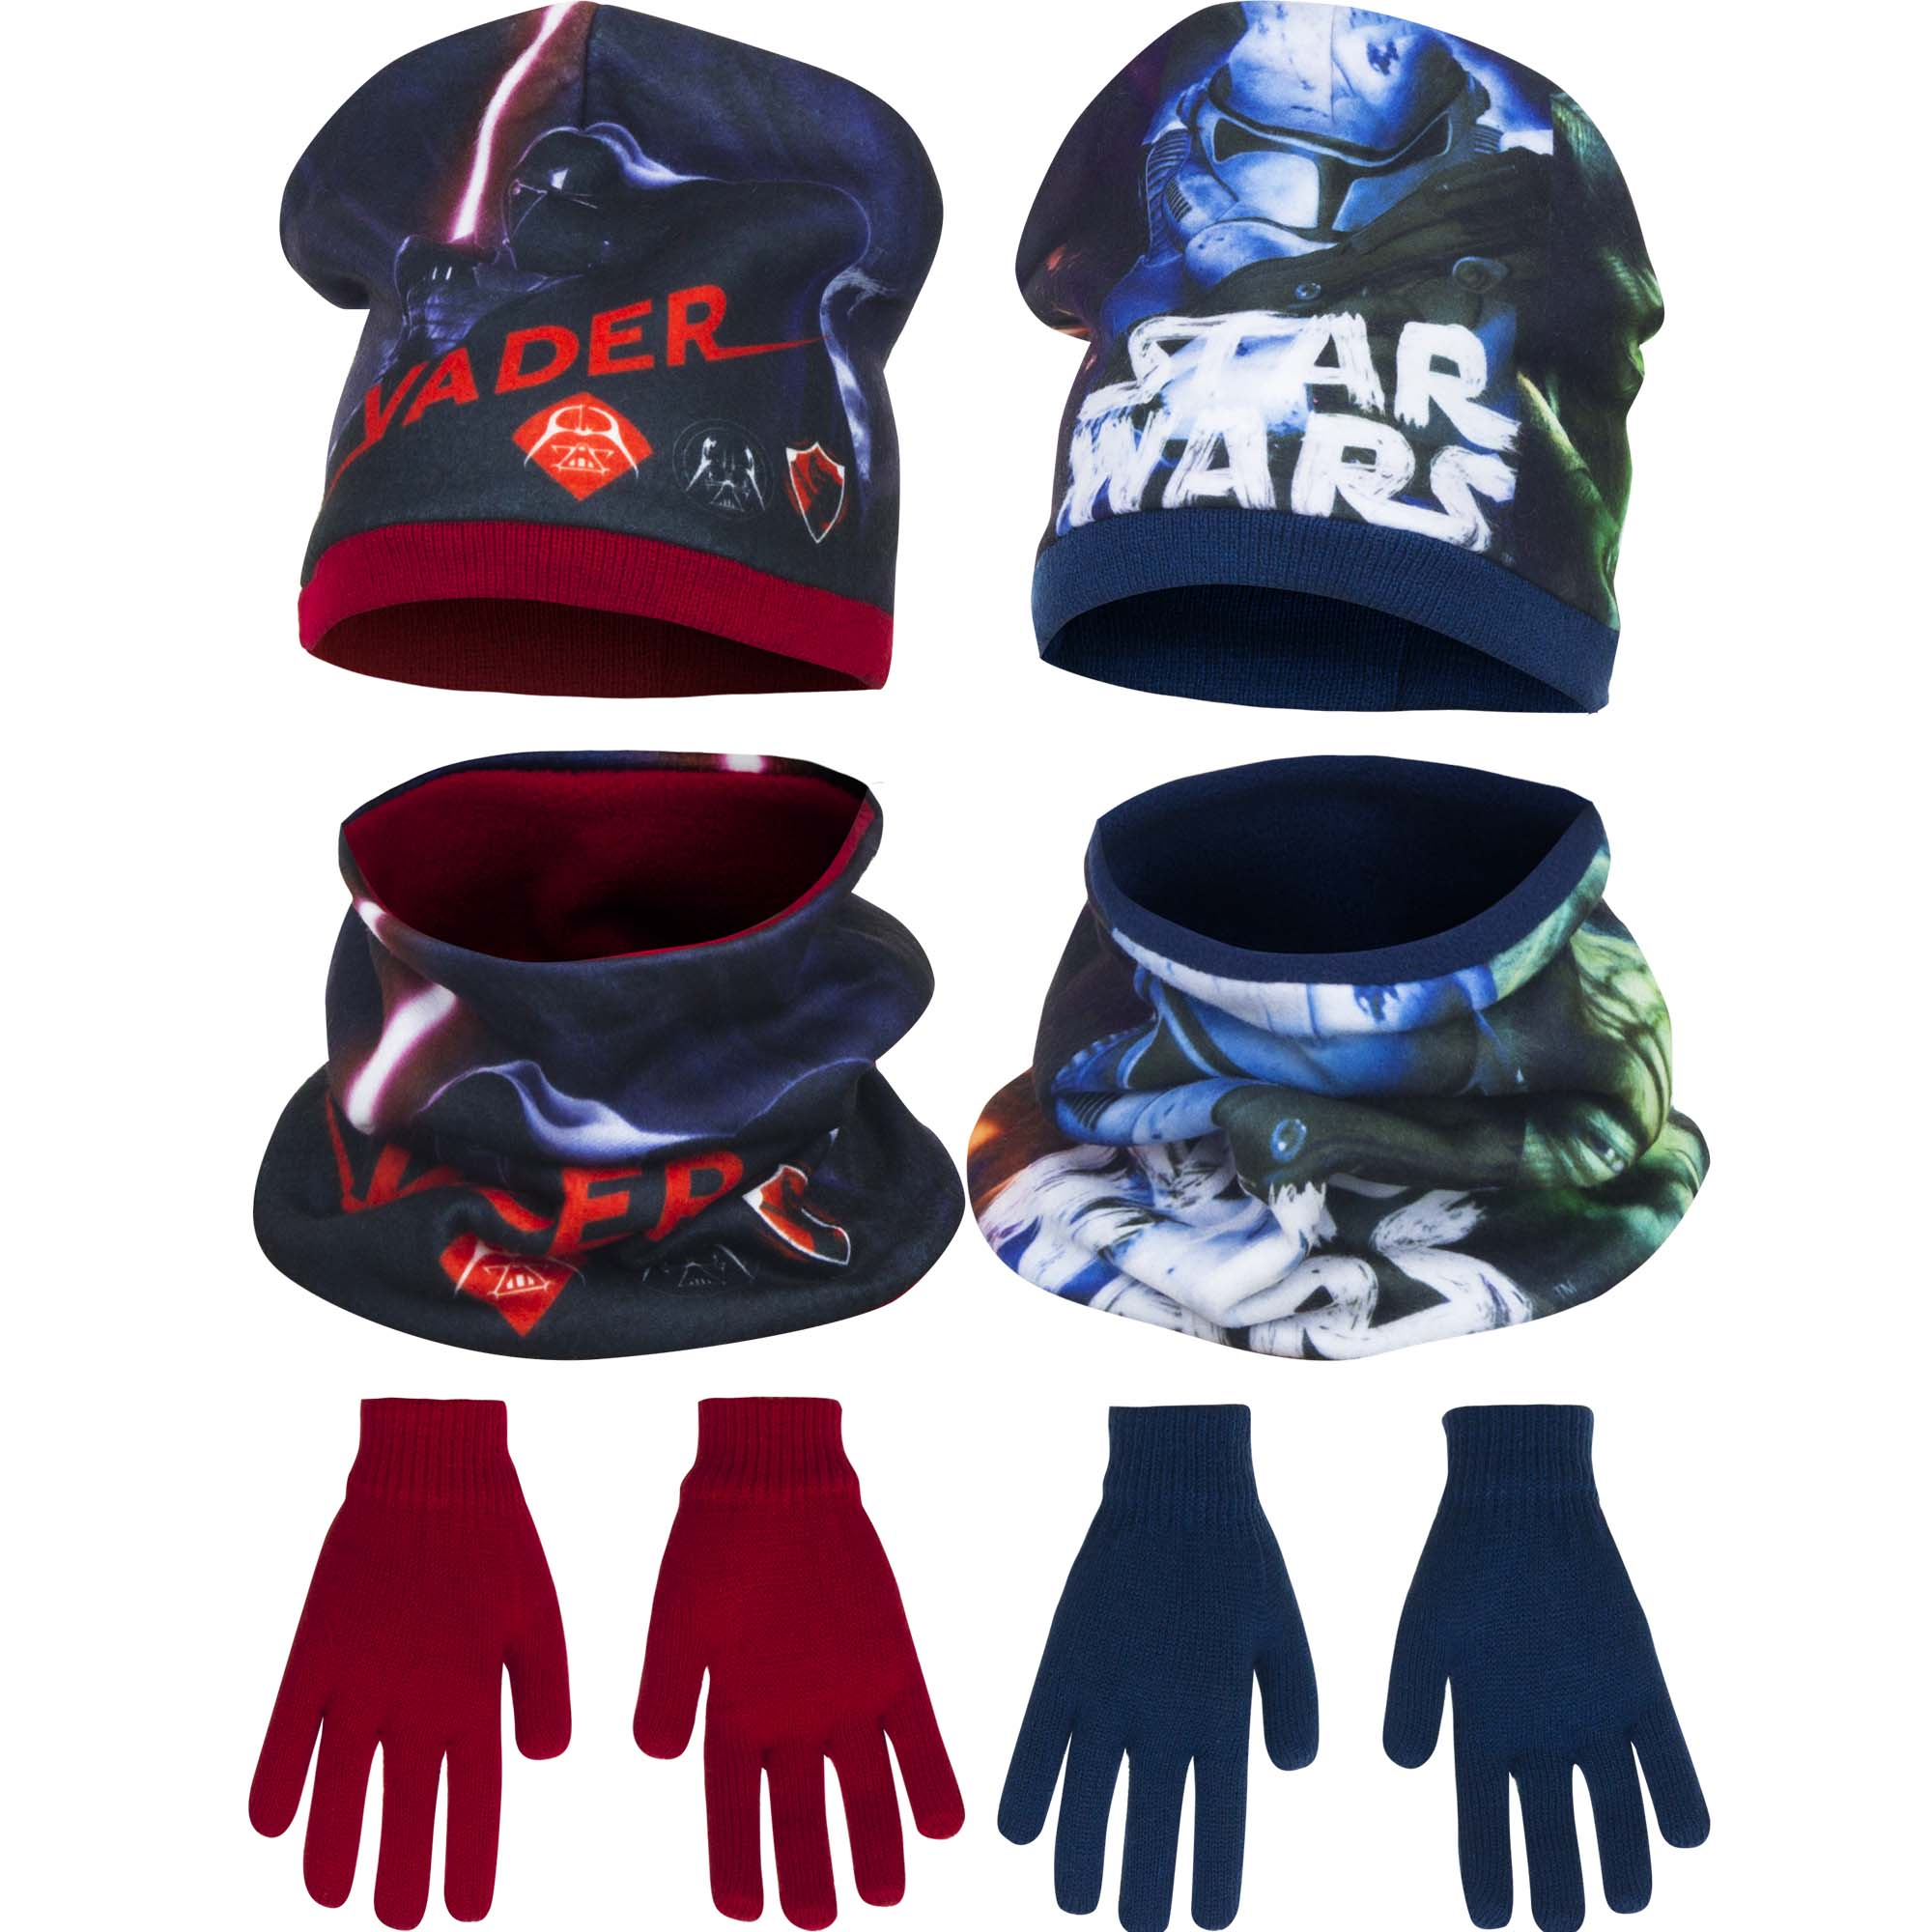 Star Wars Mutze mit Schlauchschal und Handschuhe Schal Disney Kinder Set